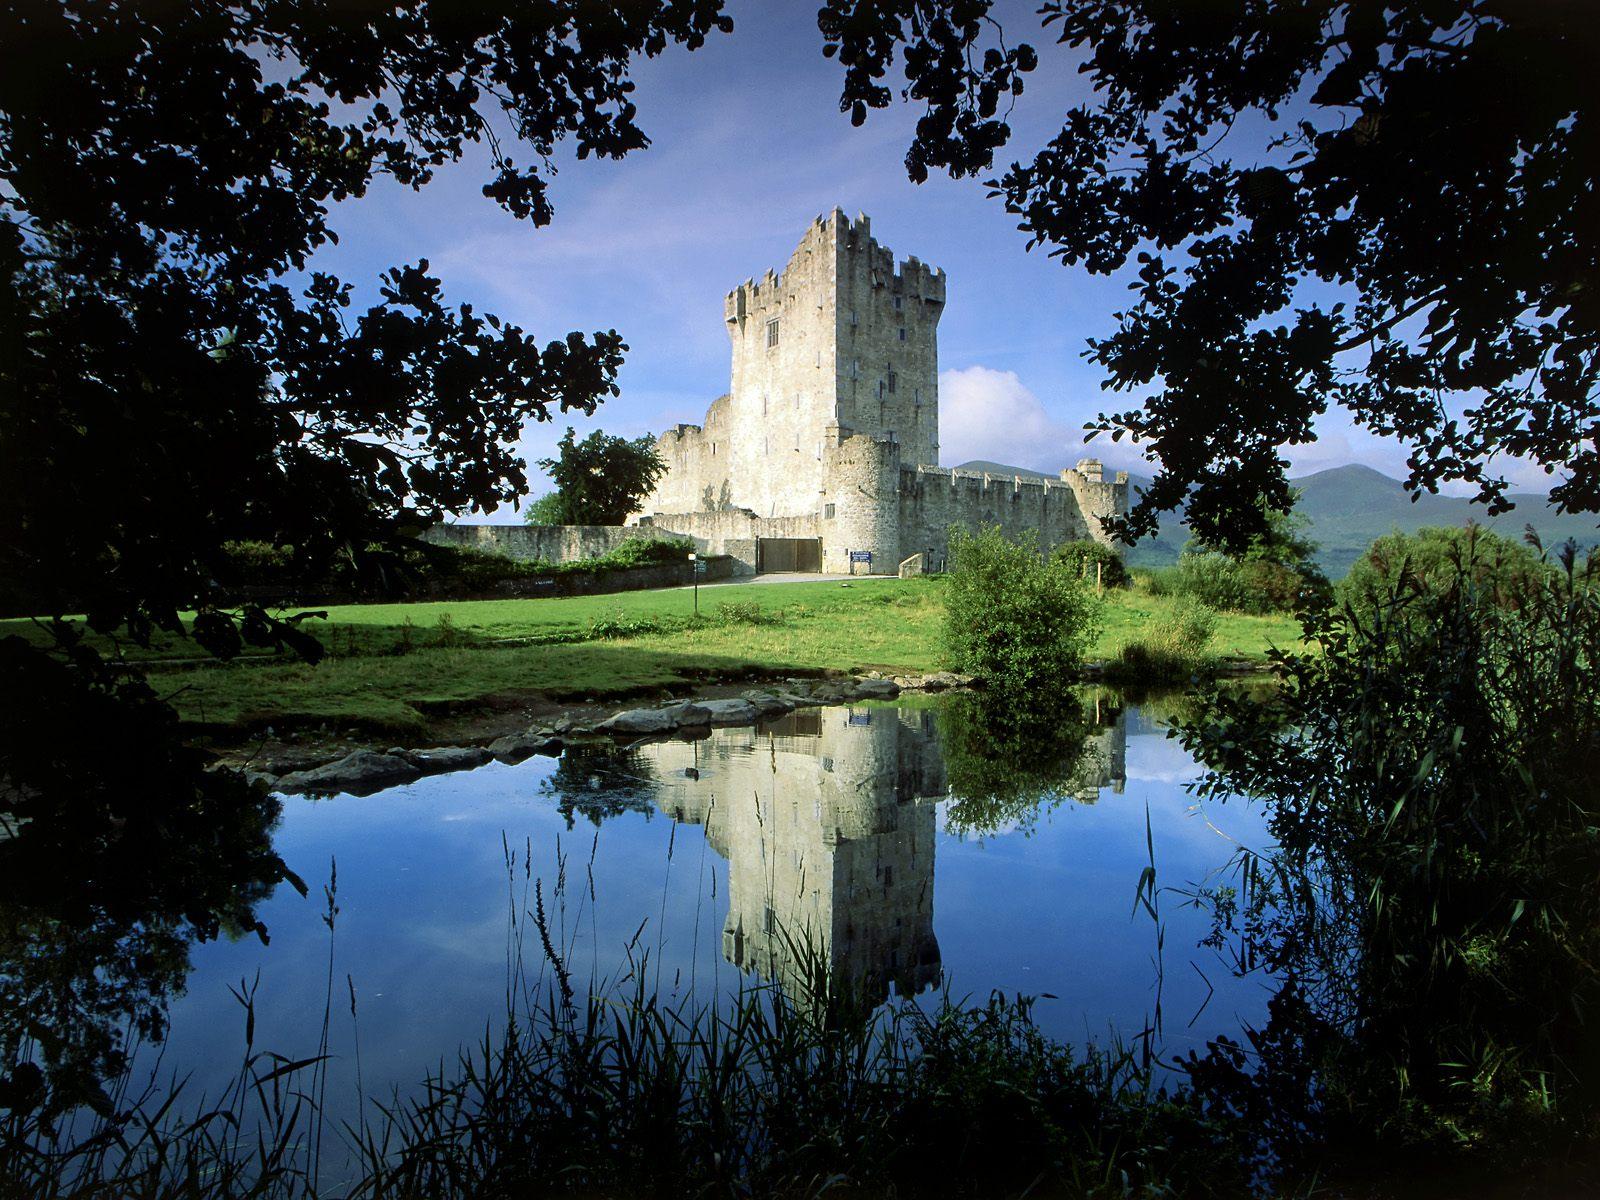 Ross-Castle-Killarney-National-Park-Republic-of-Ireland.jpg